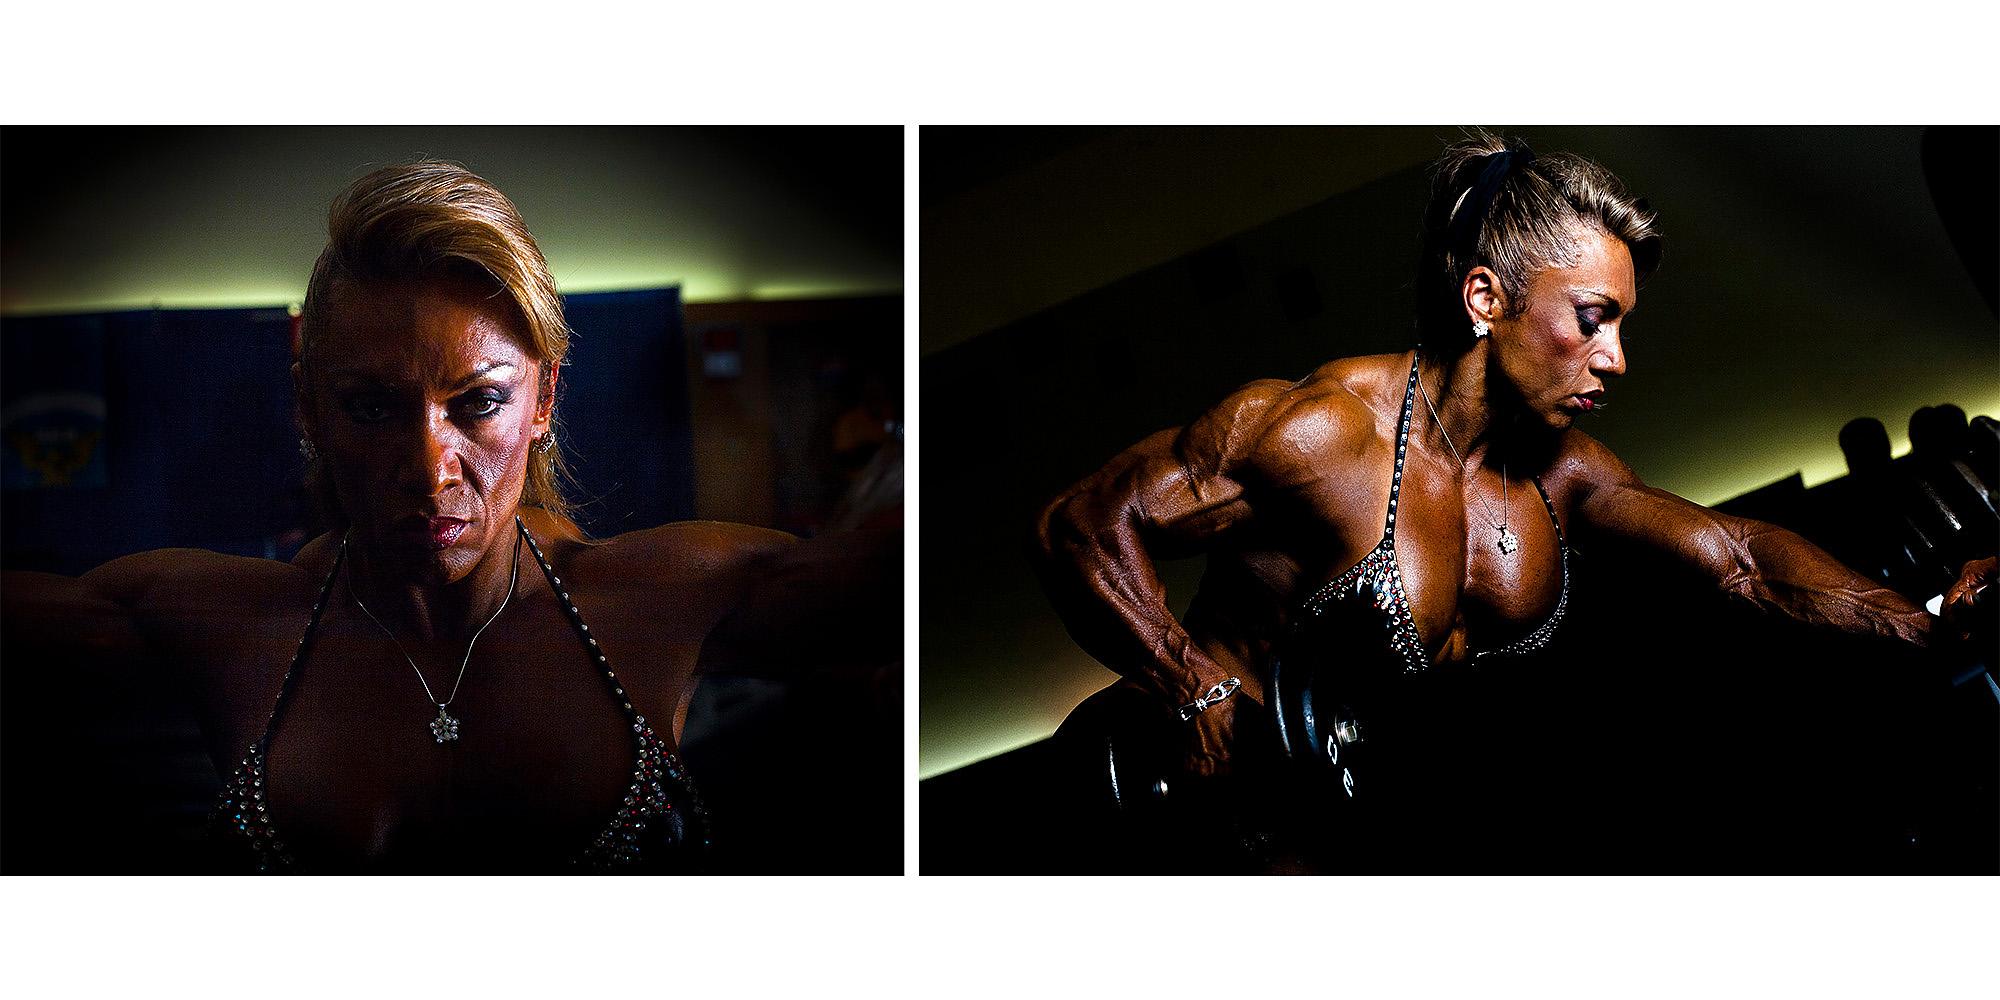 Female Bodybuilders (series) / Stern